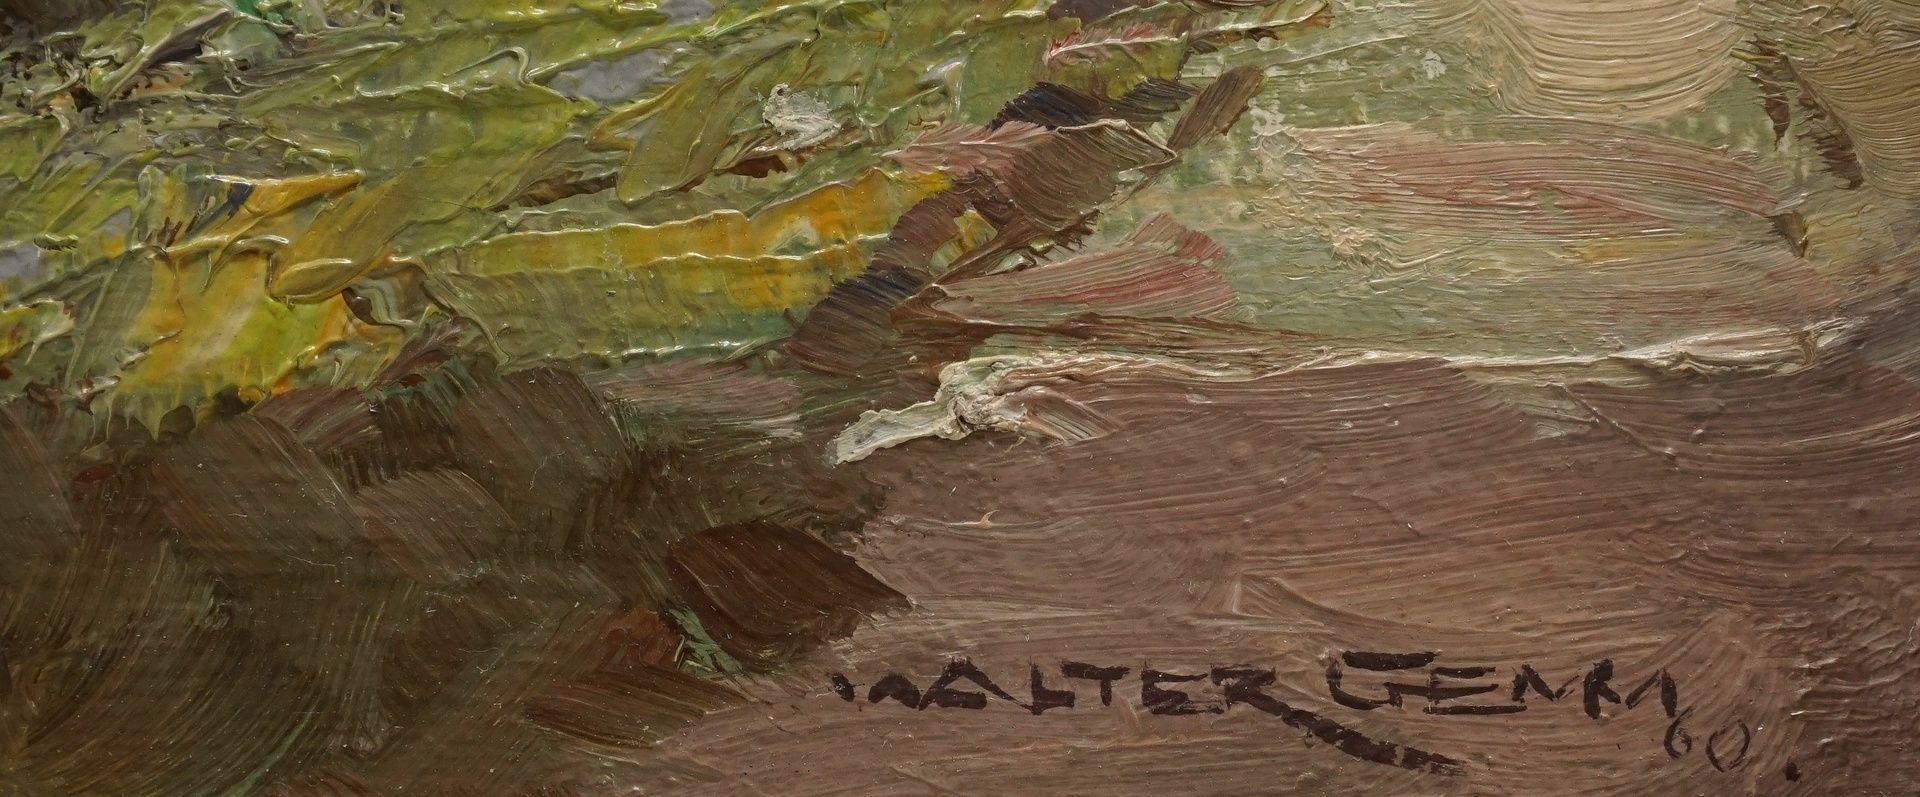 """Walter Gemm, """"Christianental mit Forsthaus bei Wernigerode im Harz"""" - Bild 4 aus 4"""